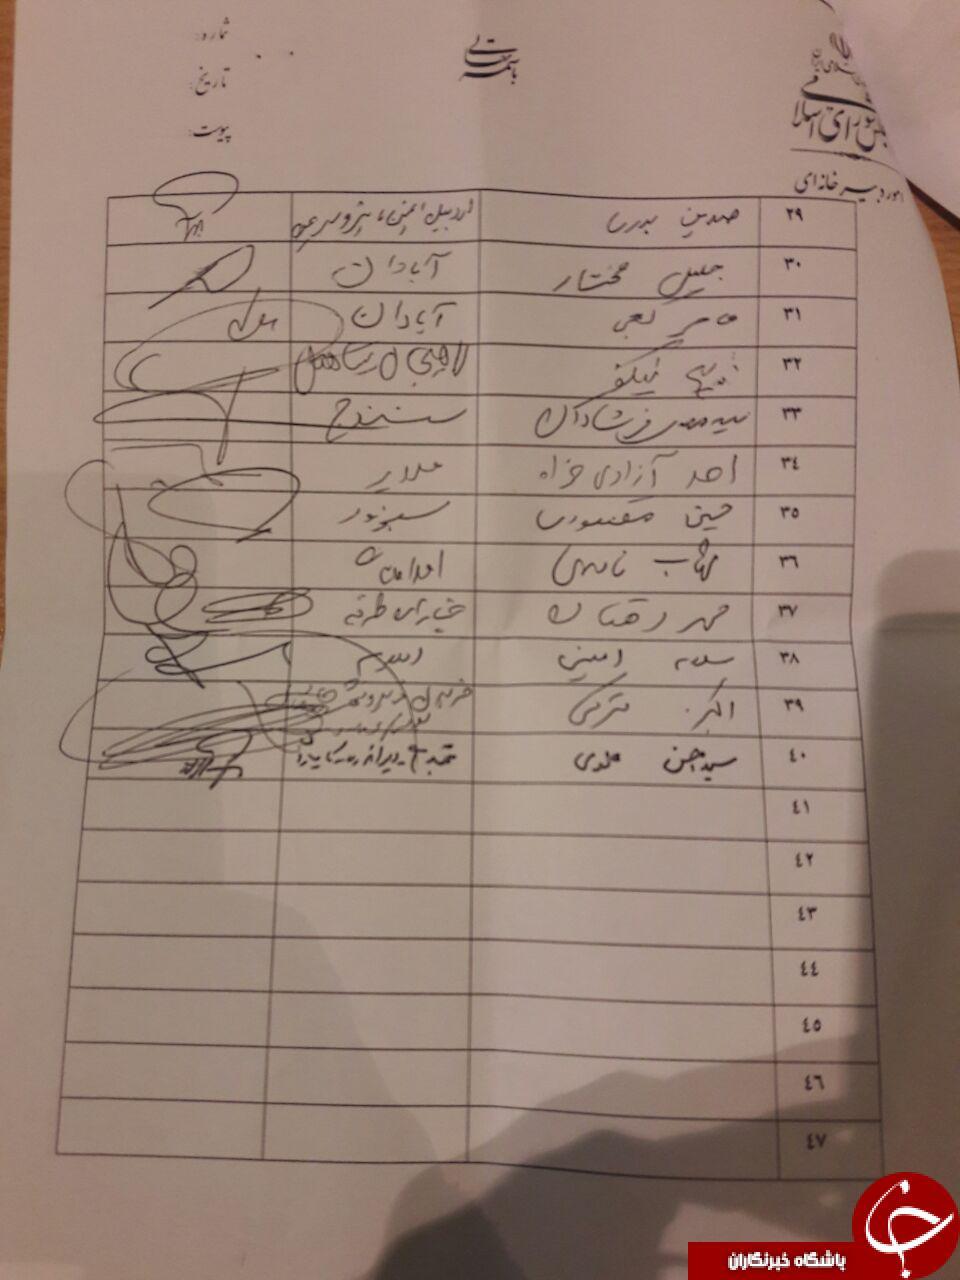 نمایندگان برای پخش فایل صوتی ظریف در مجلس به لاریجانی نامه نوشتند+متن نامه